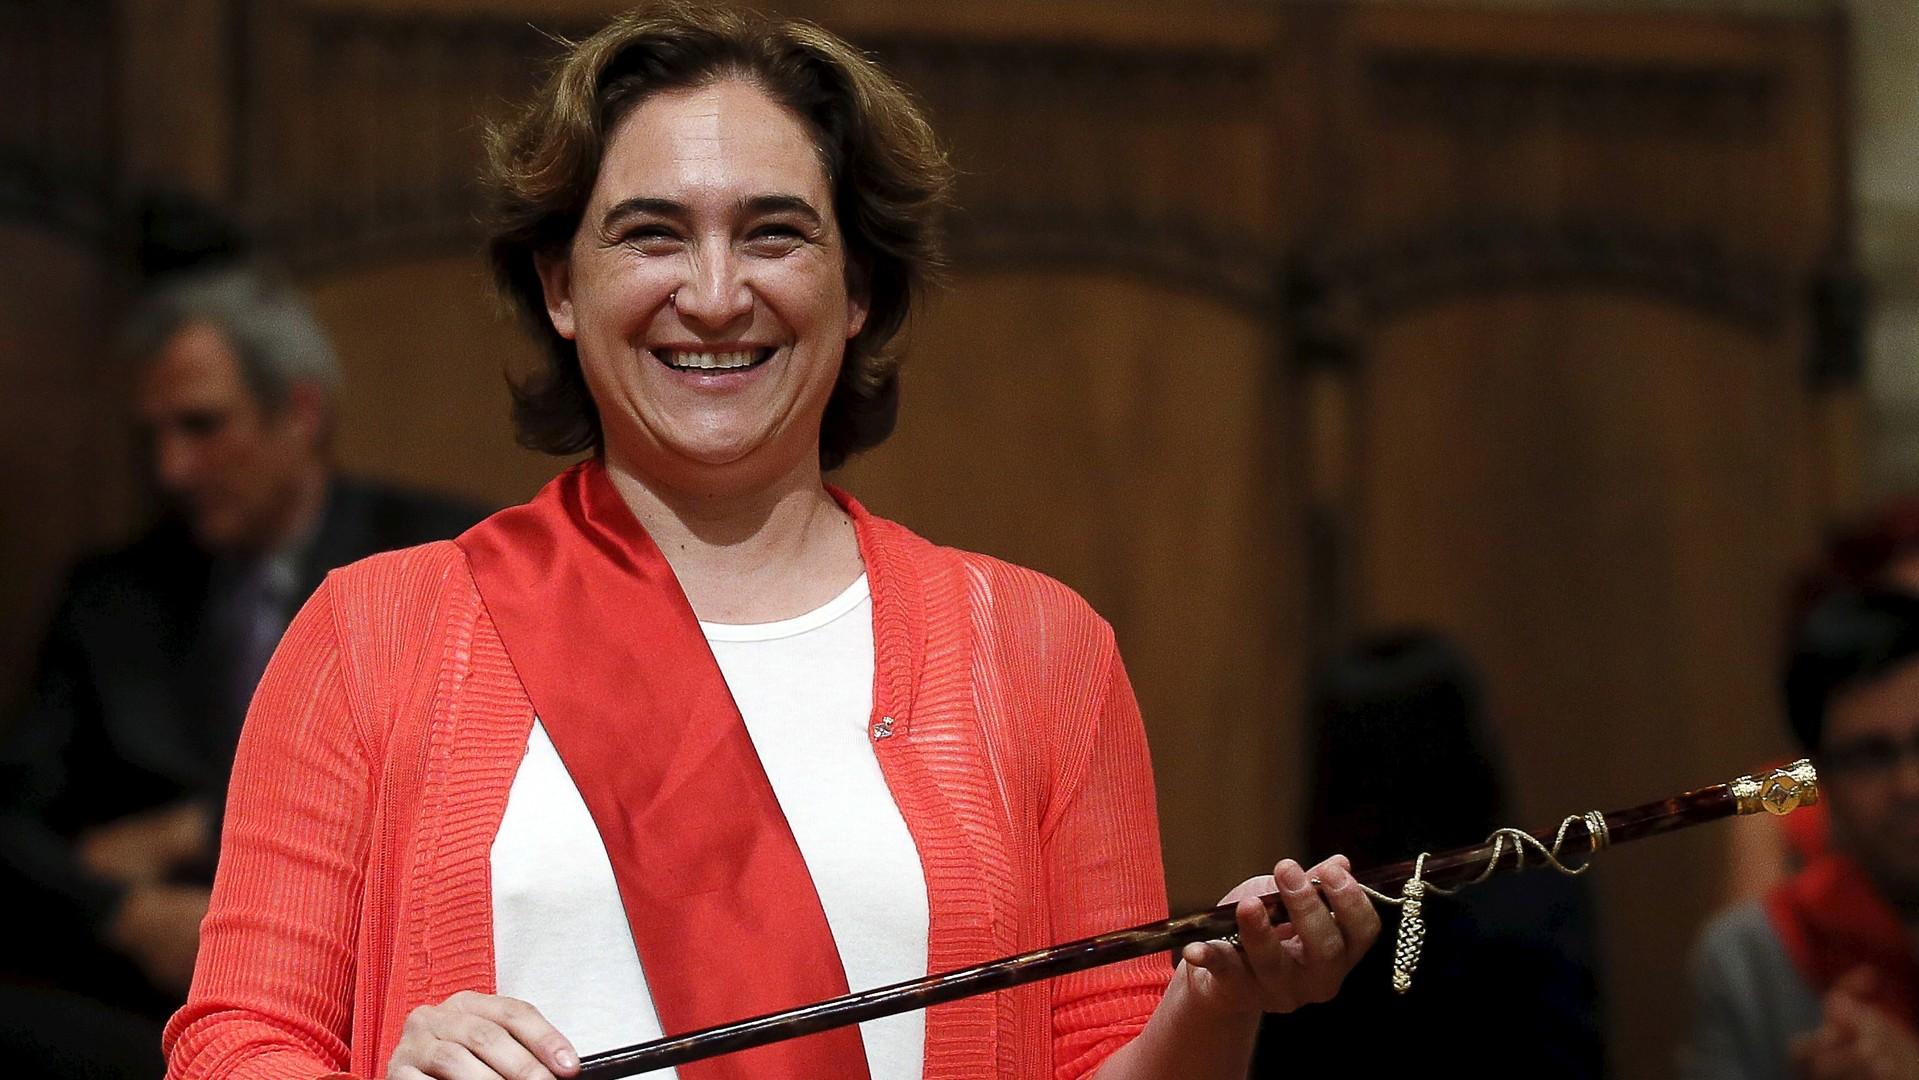 La nouvelle maire de Barcelone Ada Colau